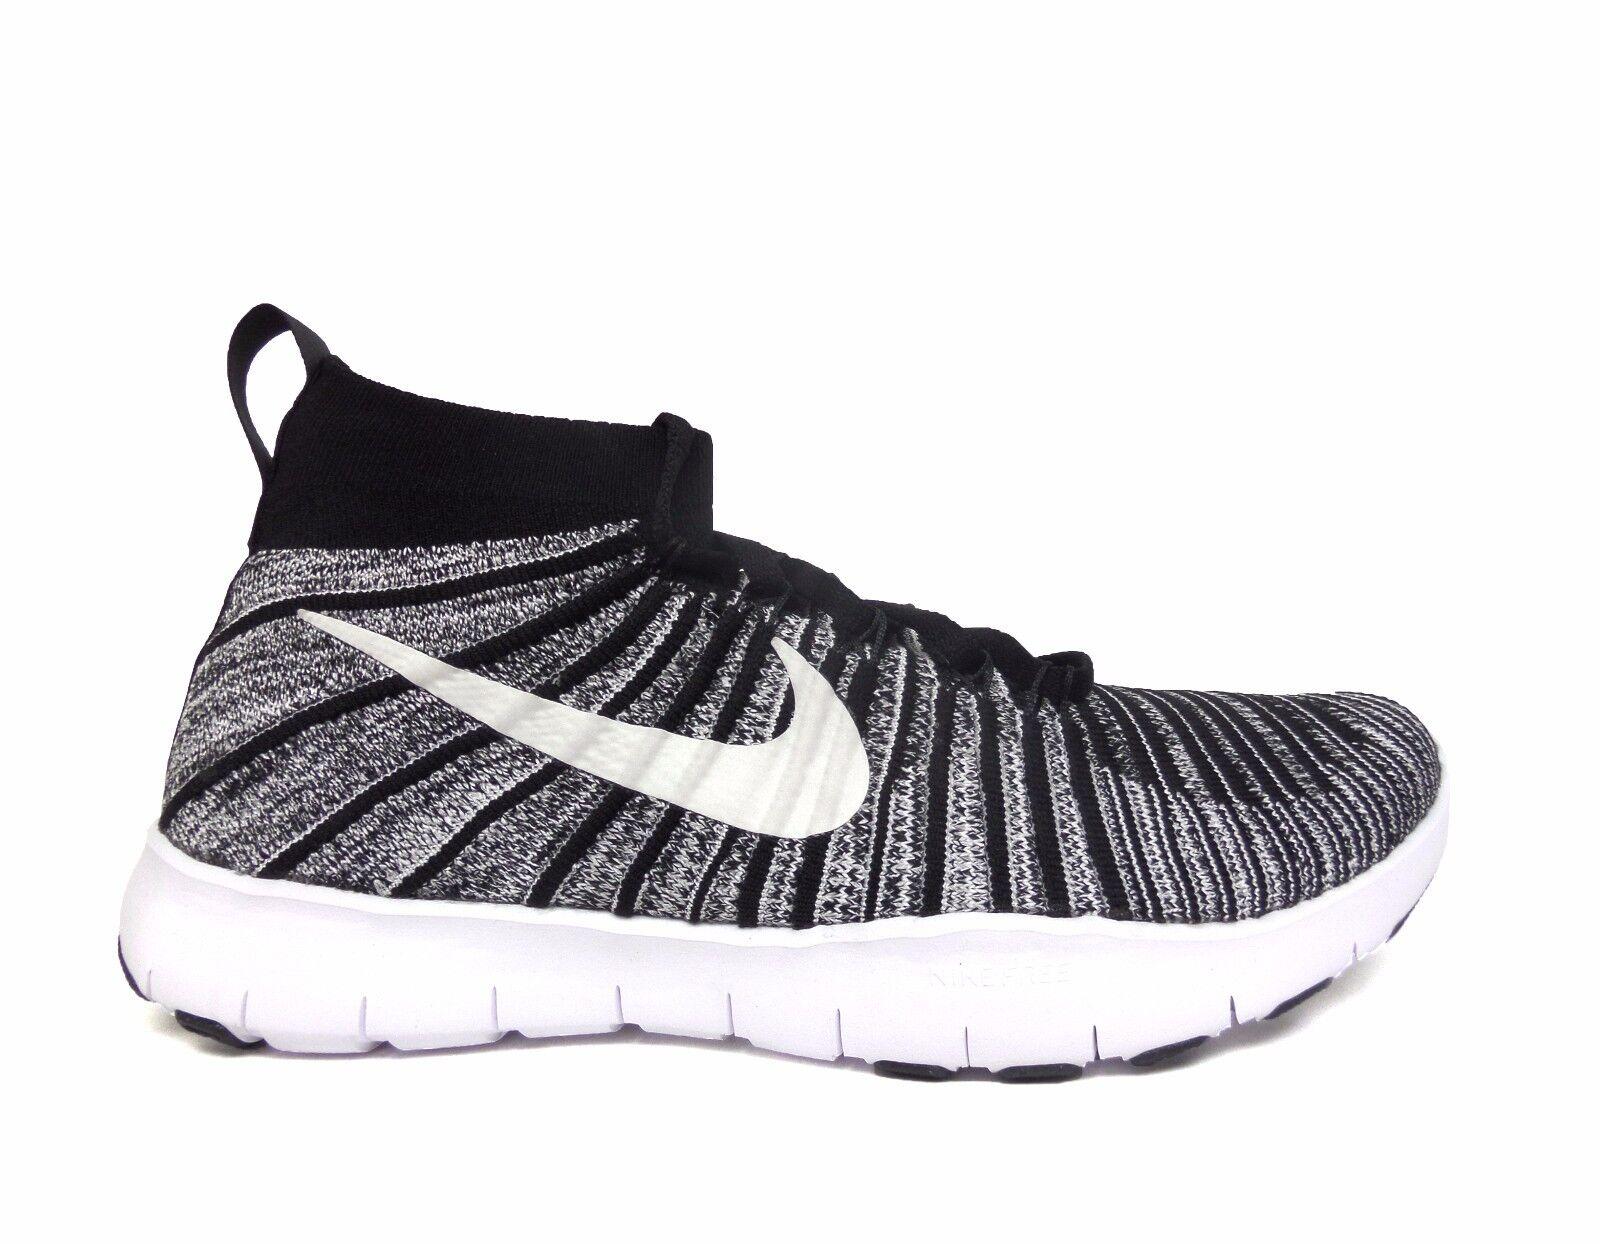 Nike uomini liberi treno vigore flyknit le formazione nero / bianco le flyknit scarpe 833275-007 b 35e720